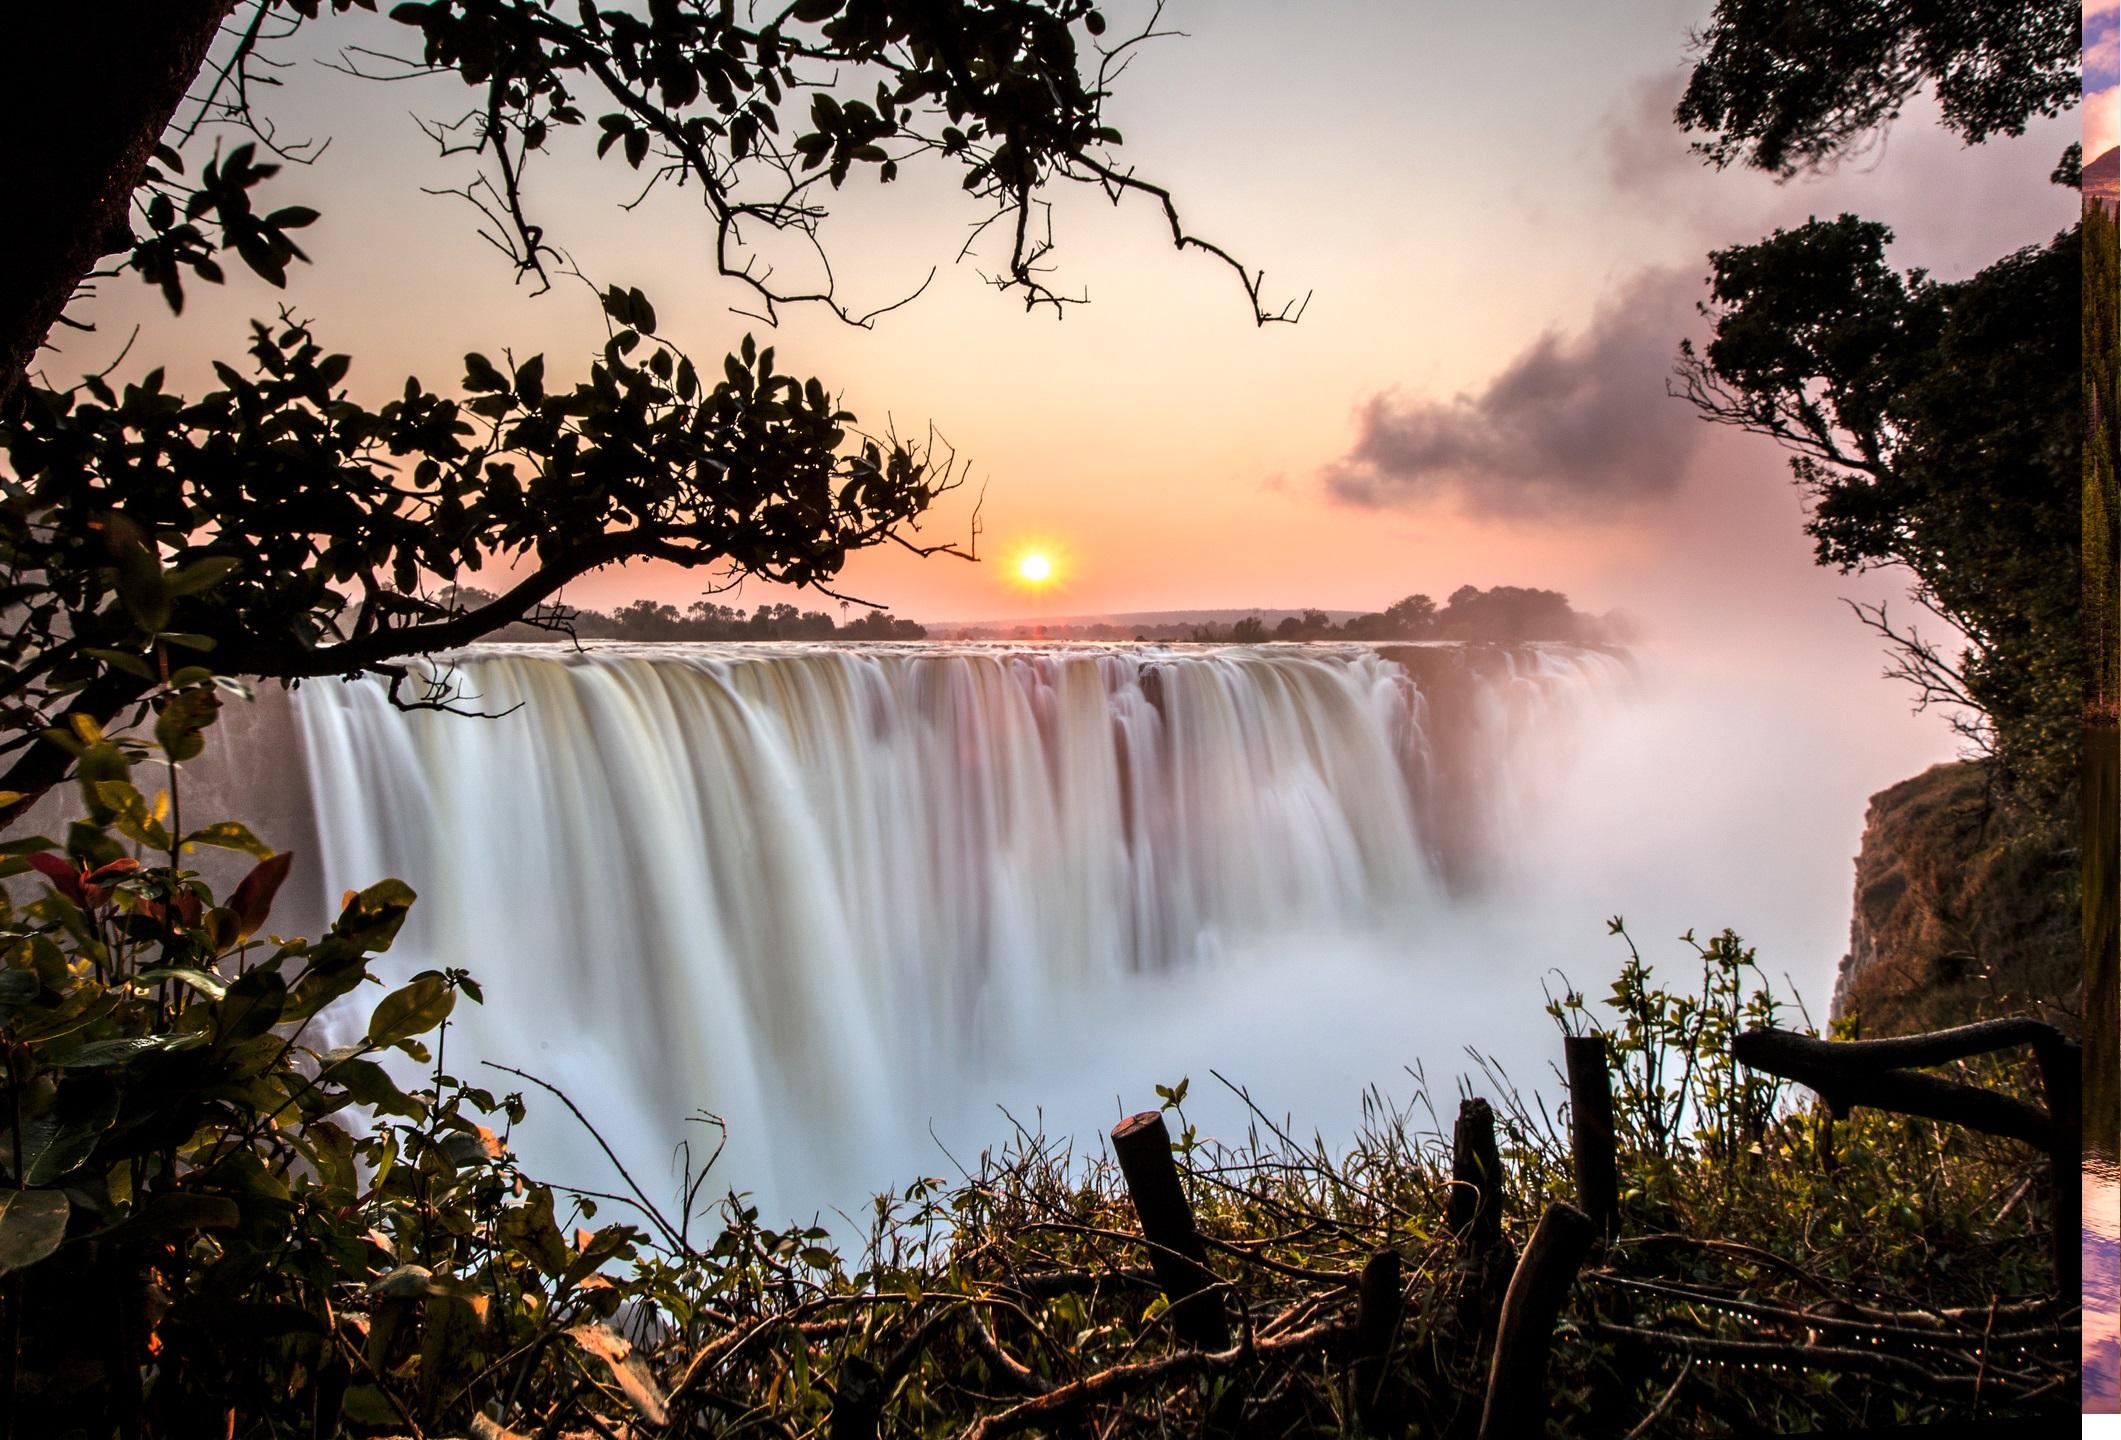 Лъв<br /> <br /> Лъвовете не искат предложение по време на тиха разходка на плажа или пътуване до старинен град. Те искат предложение, след което много хора да обърнат глава и което ще остане в спомените им за всички времена. Заведете я в Замбия, Африка, където се намира най-големият водопад в света – Виктория. Това е декор, достоен за предложение към лъв.